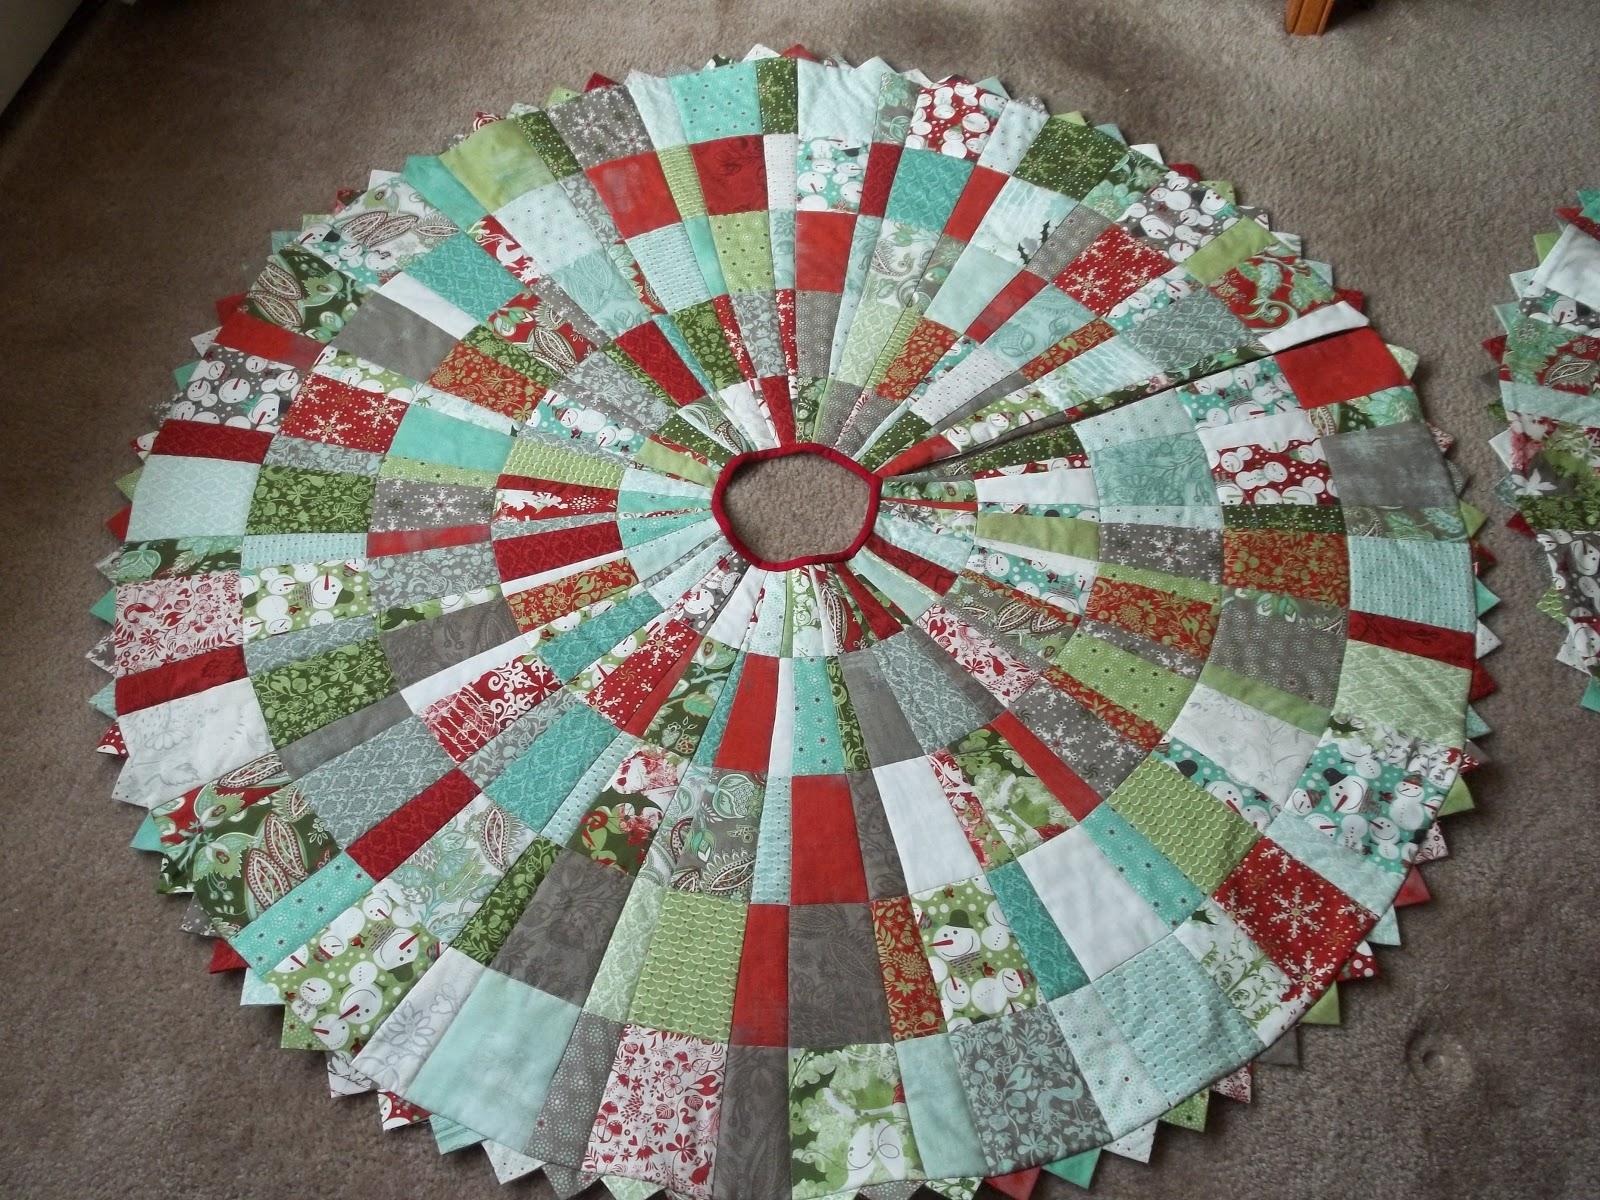 10 Skirt Tree Pattern Ruler Degree Wedge